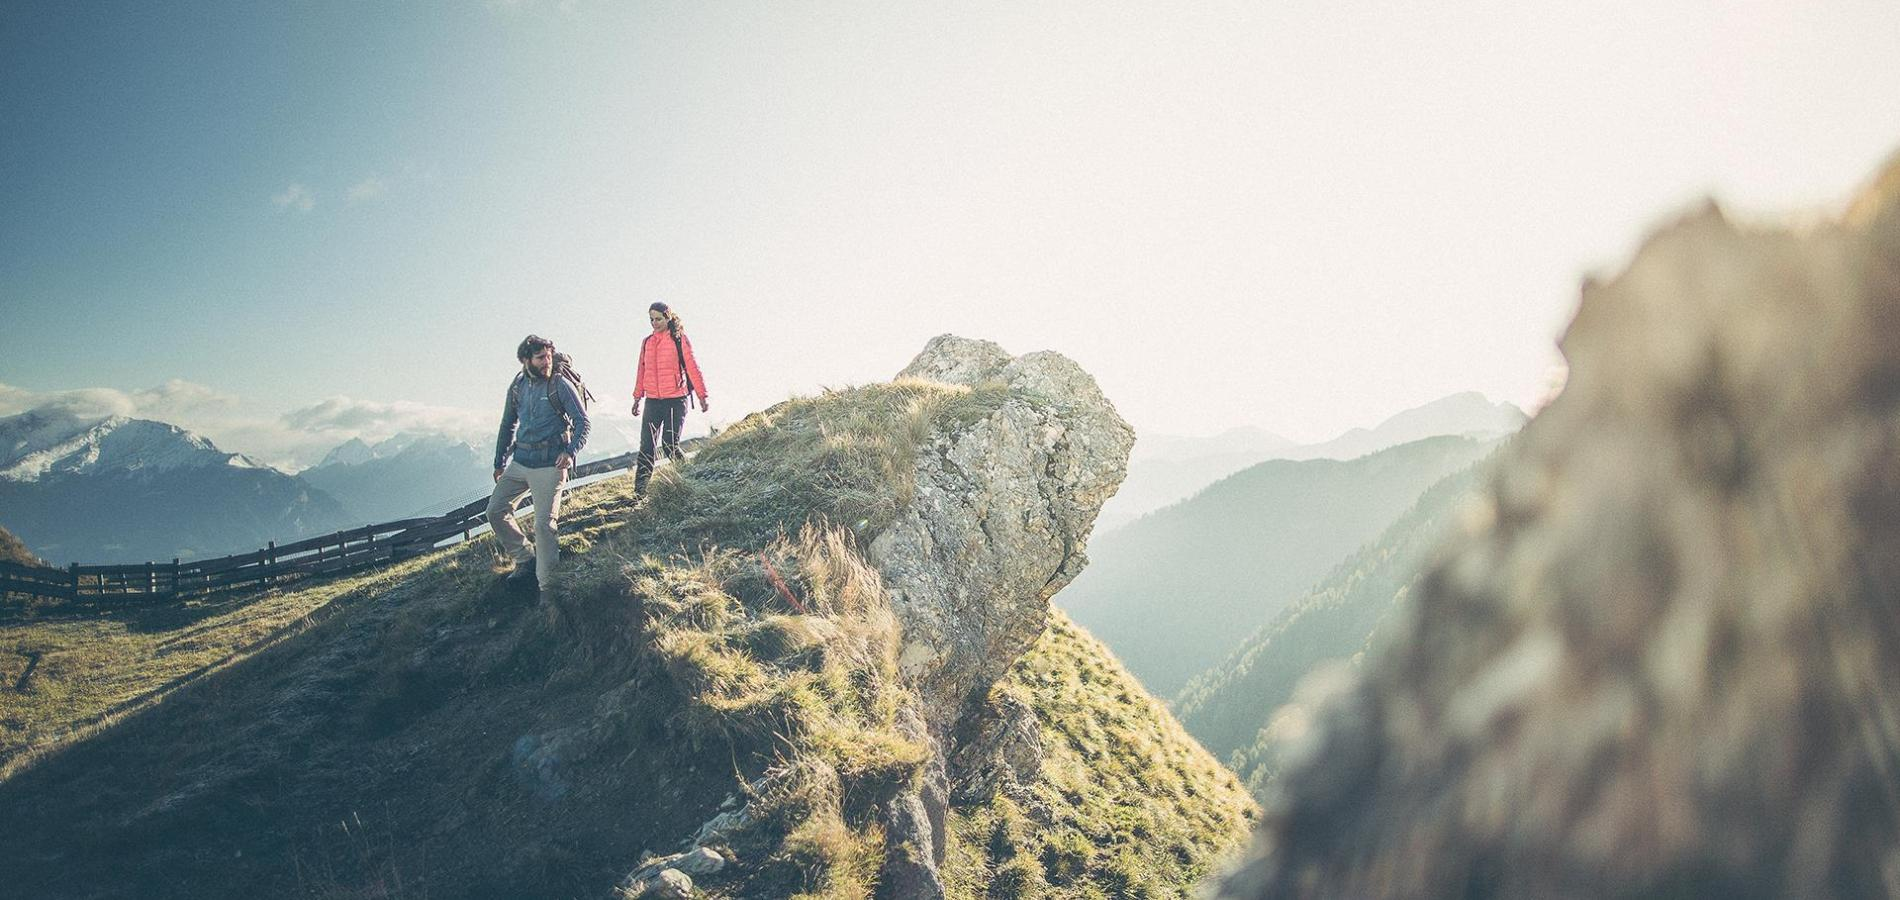 Benvenuti a Colle Isarco - Vacanza in Alto Adige